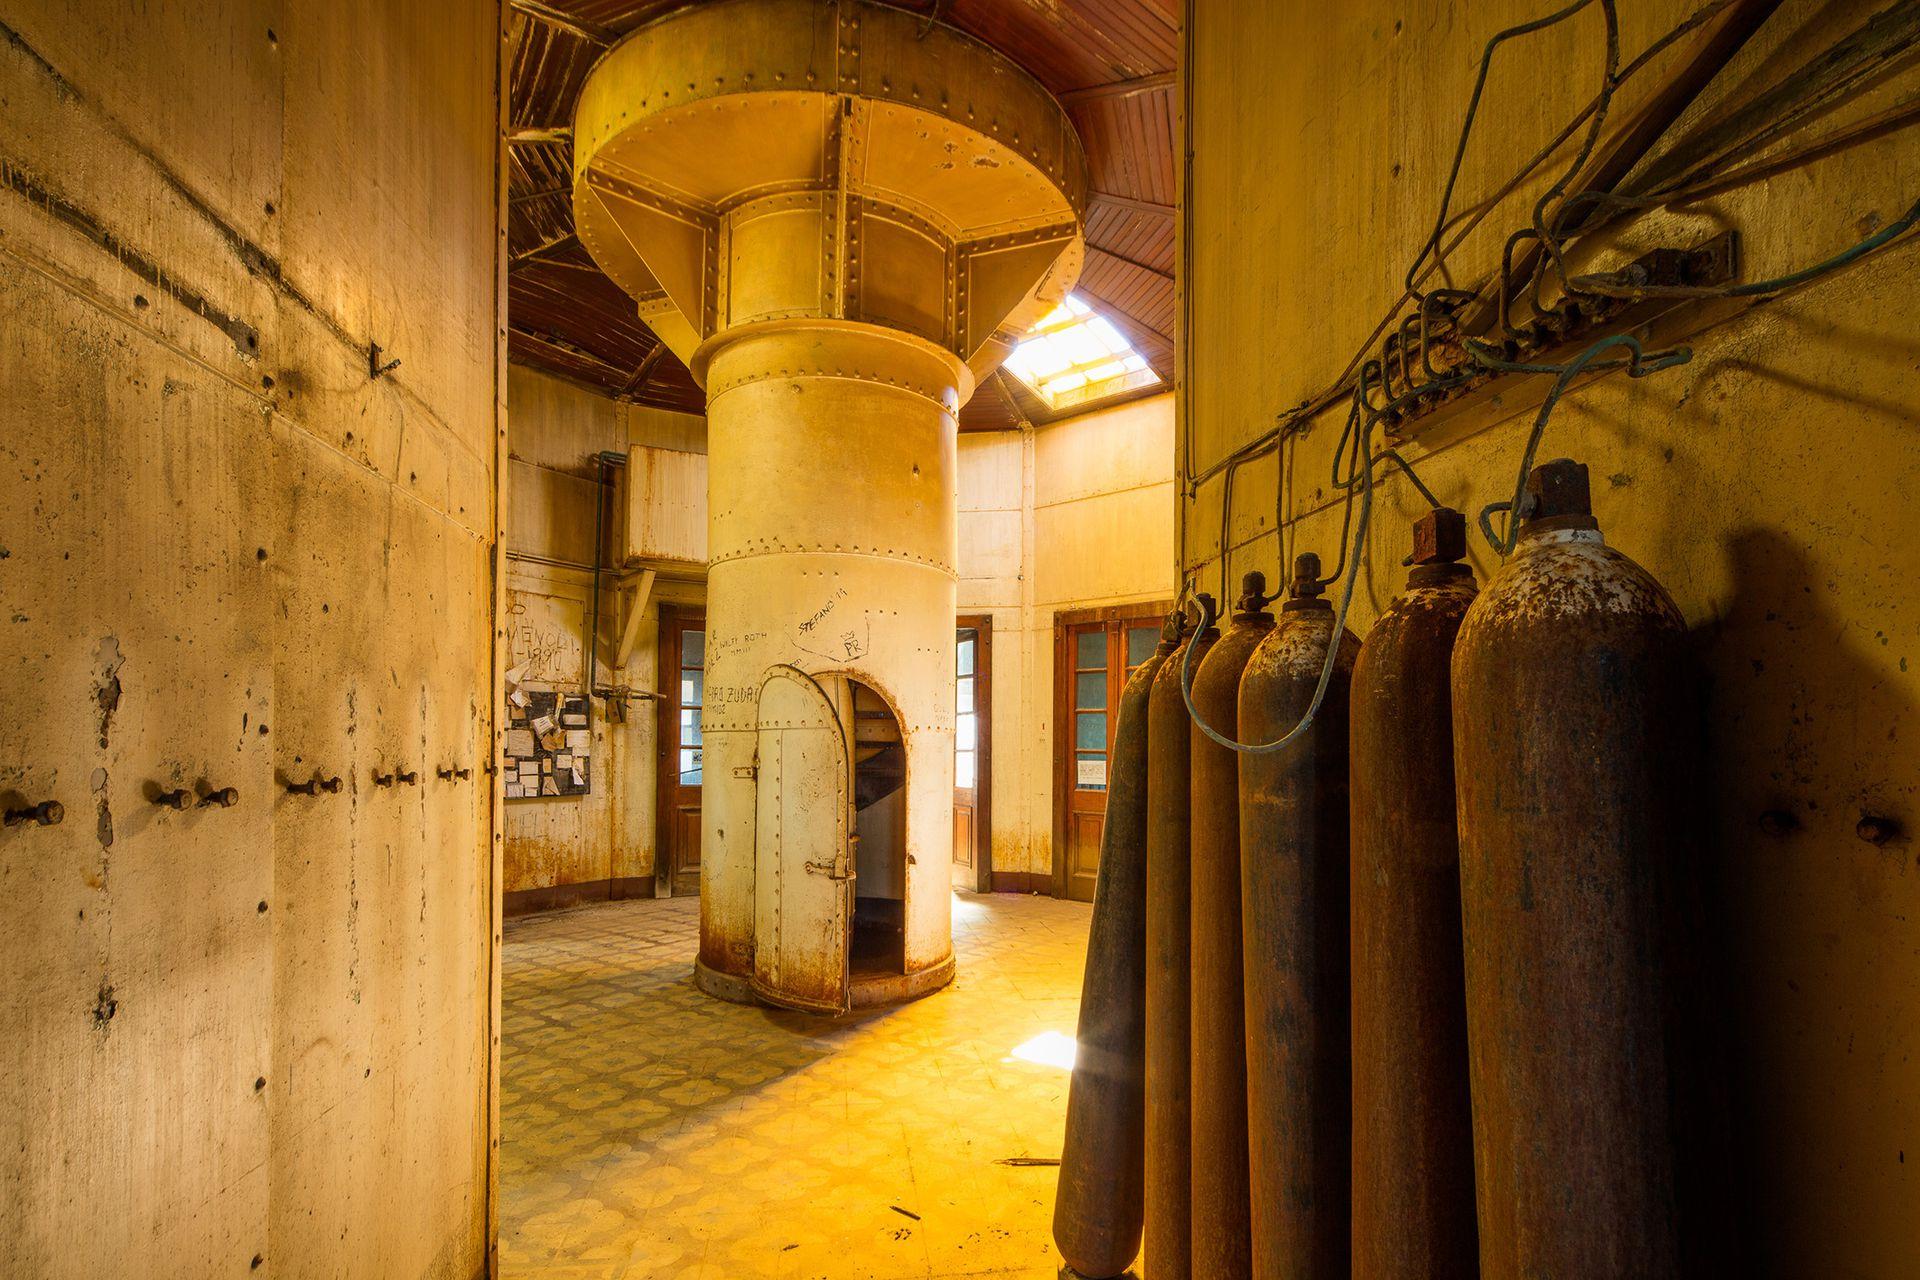 Los tubos de gas que alimentaban los faros hace décadas. Aquí en Isla Leones, ya no se usan. Ni el gas, ni el faro.